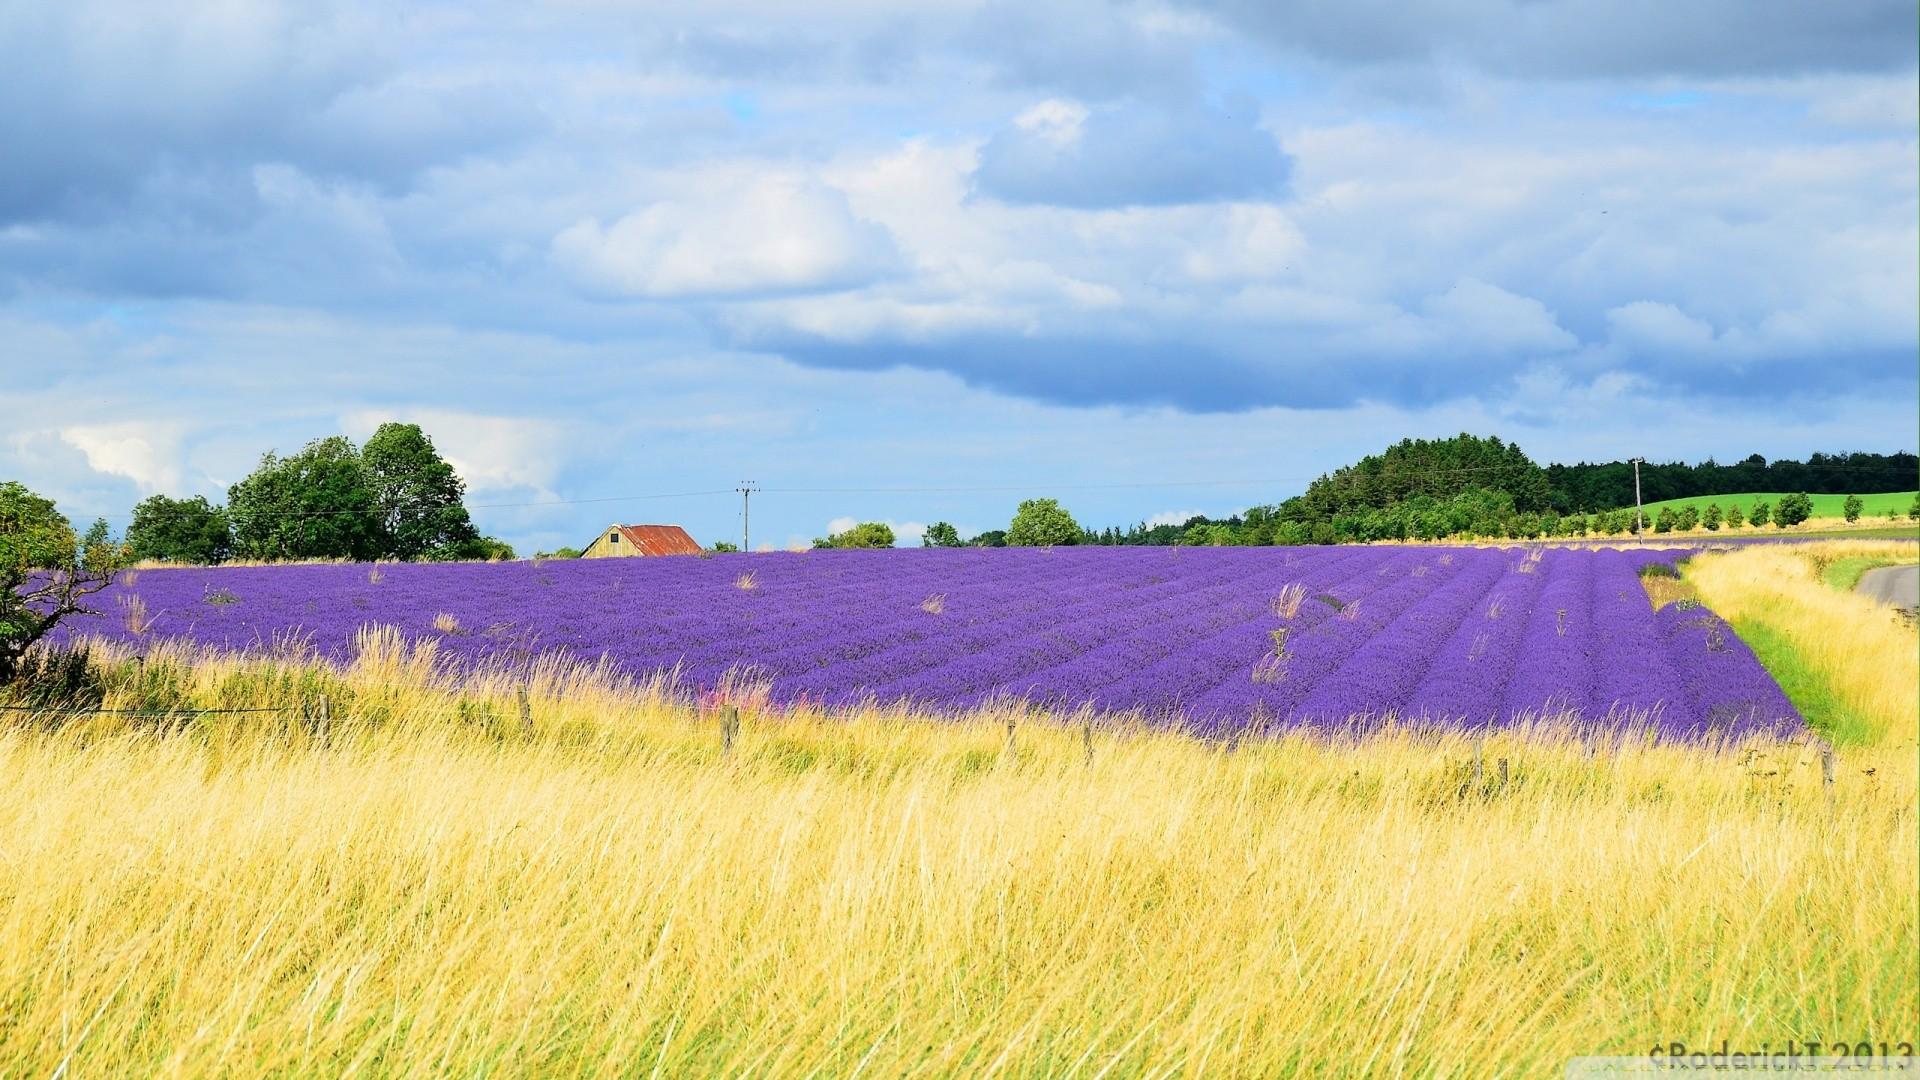 Wallpaper Landscape Hill Sky Clouds Farm Horizon Lavender